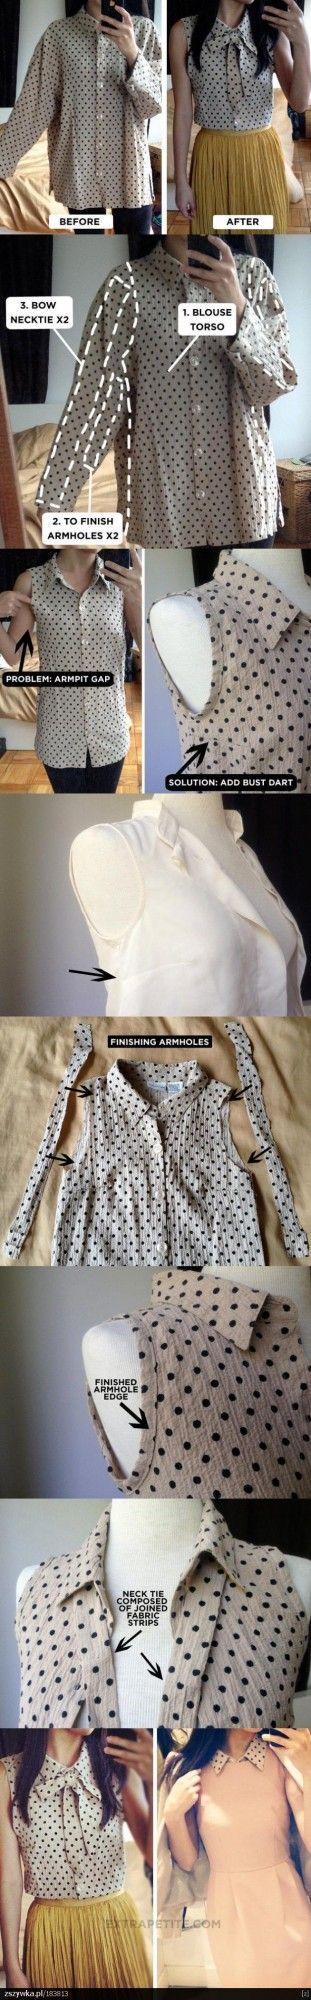 Transforme aquela camisa velha de inverno em uma blusinha fofa de verão *_* #FaçaVocêMesma #fashion #diy